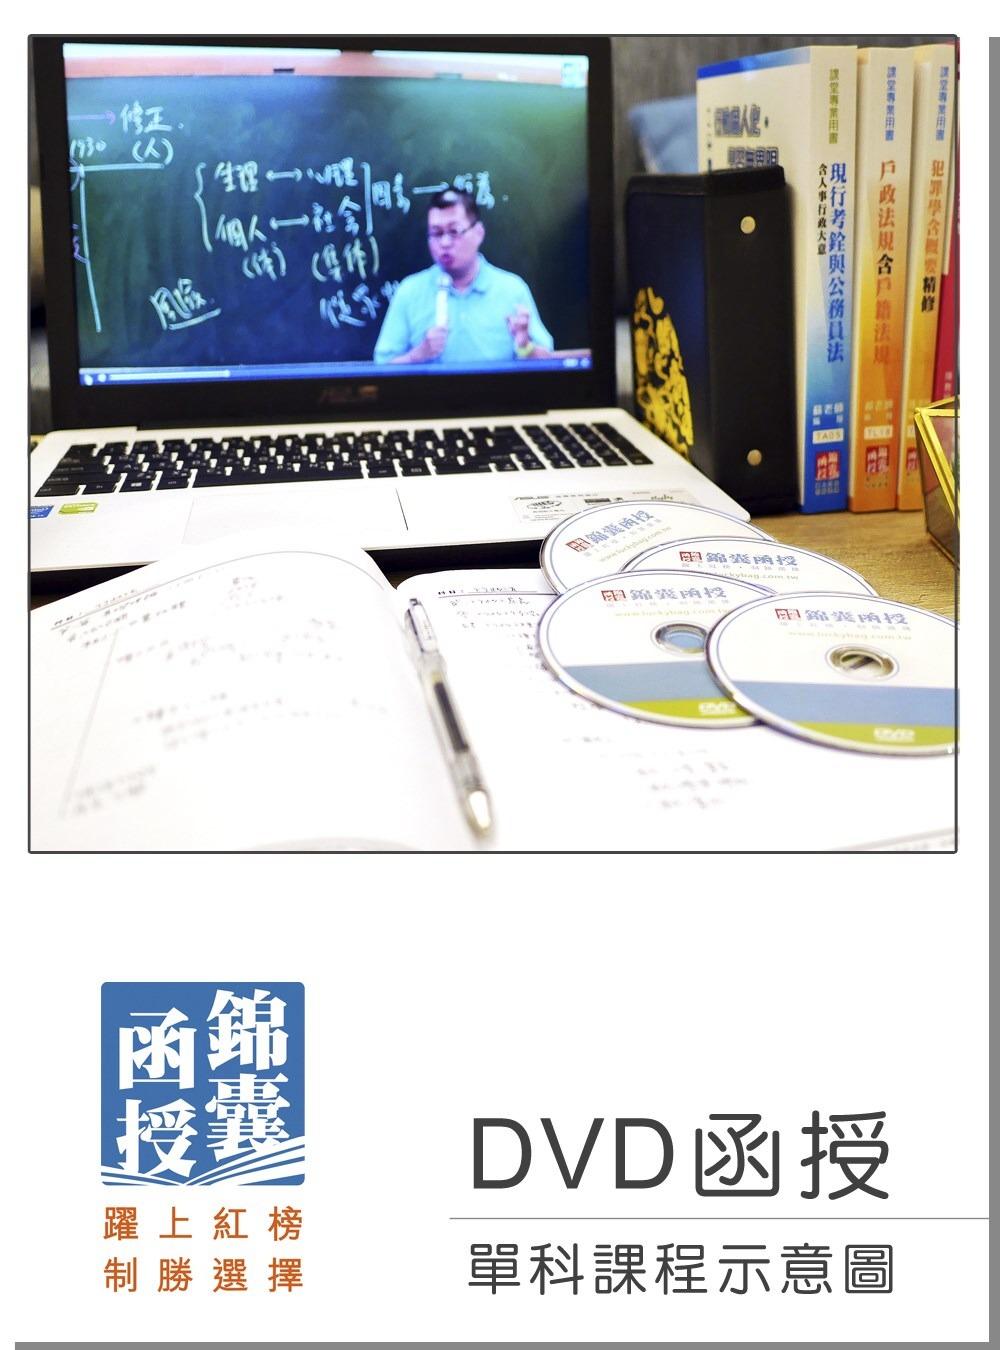 【DVD函授】中級會計學:單科課程(107版)